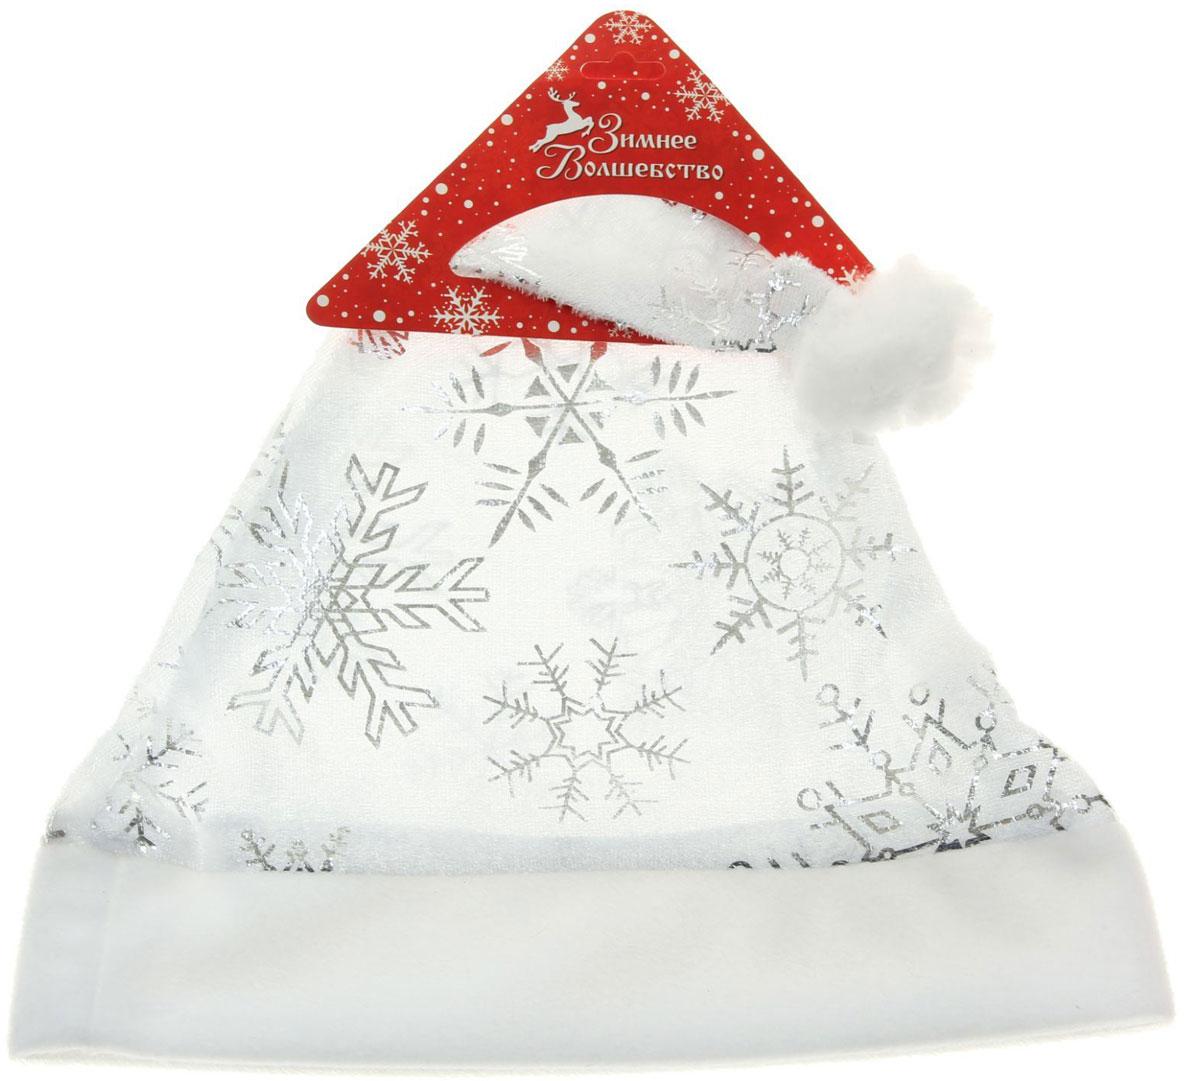 Колпак новогодний Белый со снежинками, 28 х 38 см. 13906491390649Поддайтесь новогоднему веселью на полную катушку! Забавный колпак в секунду создаст праздничное настроение, будь то поздравление ребятишек или вечеринка с друзьями. Размер изделия универсальный: аксессуар подойдет как для ребенка, так и для взрослого. А мягкий текстиль позволит носить колпак с комфортом на протяжении всей новогодней ночи.